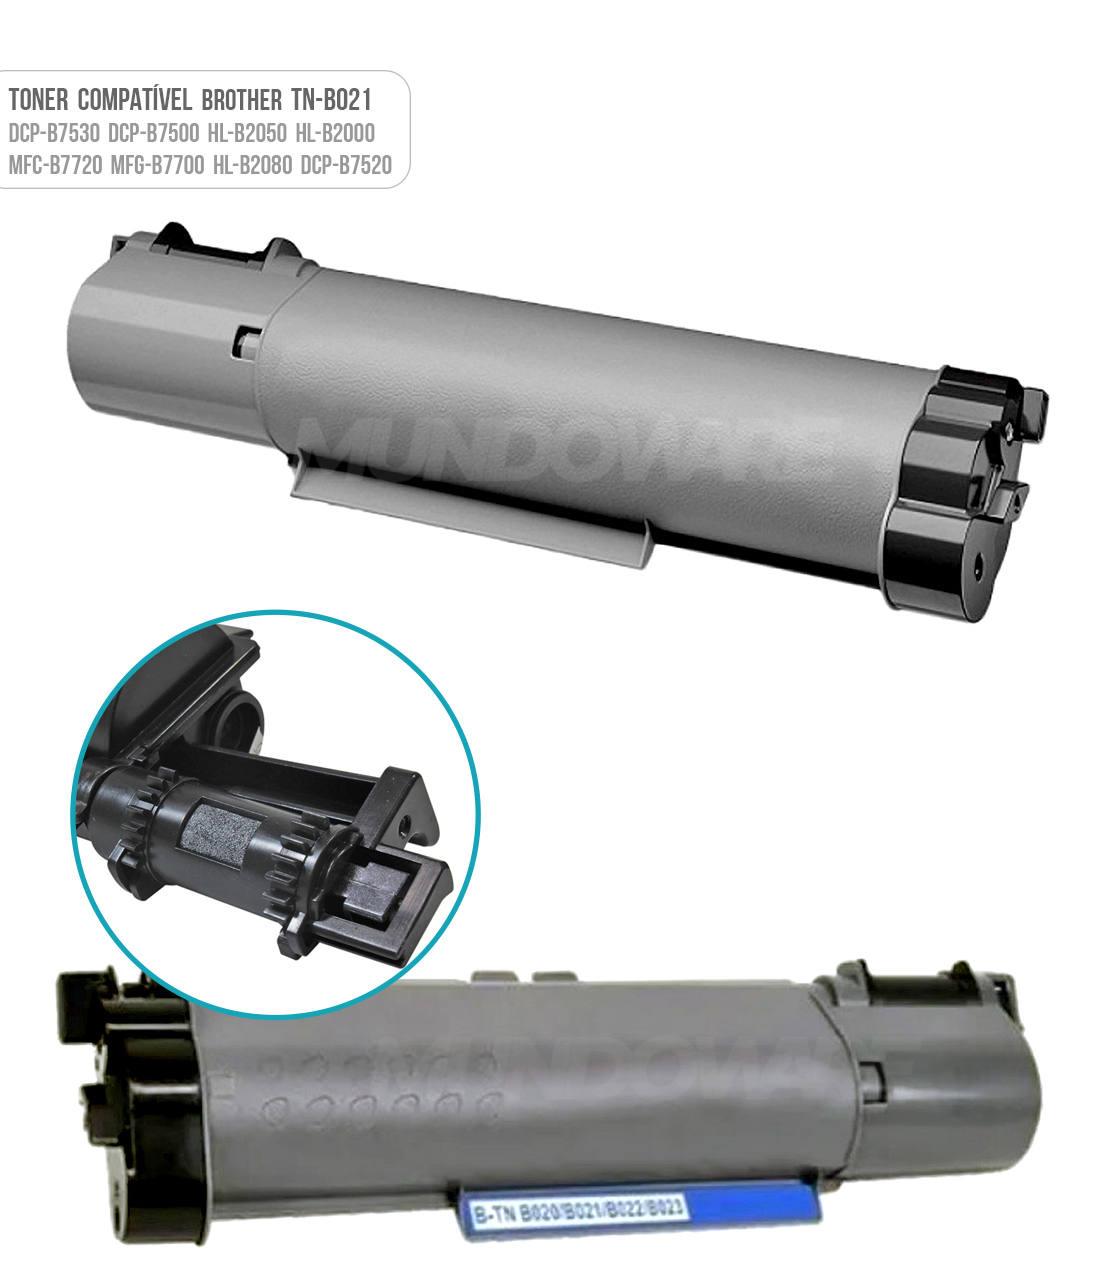 Toner Compatível para dcp-b7530 dcp-b7500 hl-b2050 hl-b2000 mfc-b7720 mfg-b7700 hl-b2080 dcp-b7520 mfc-b7715 Tonner